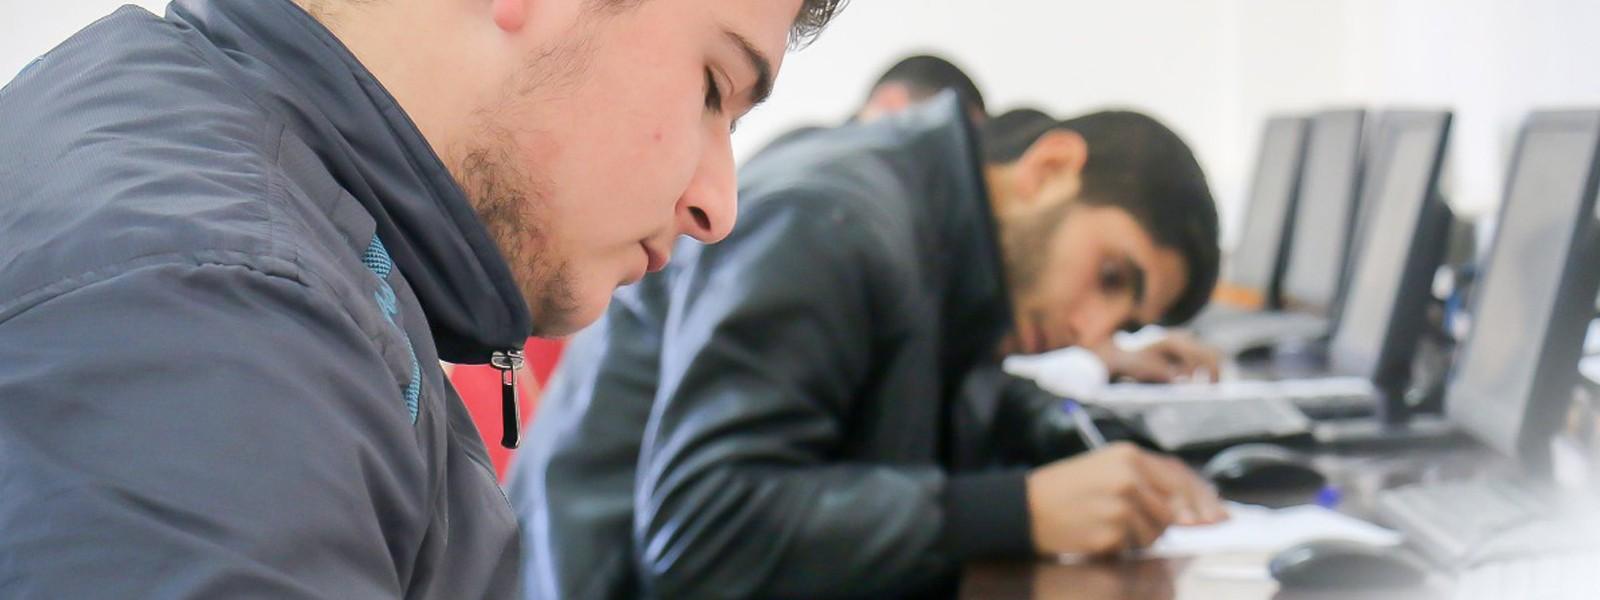 بدء الامتحانات النهائية للفصل الدراسي الأول في جامعة الإسراء